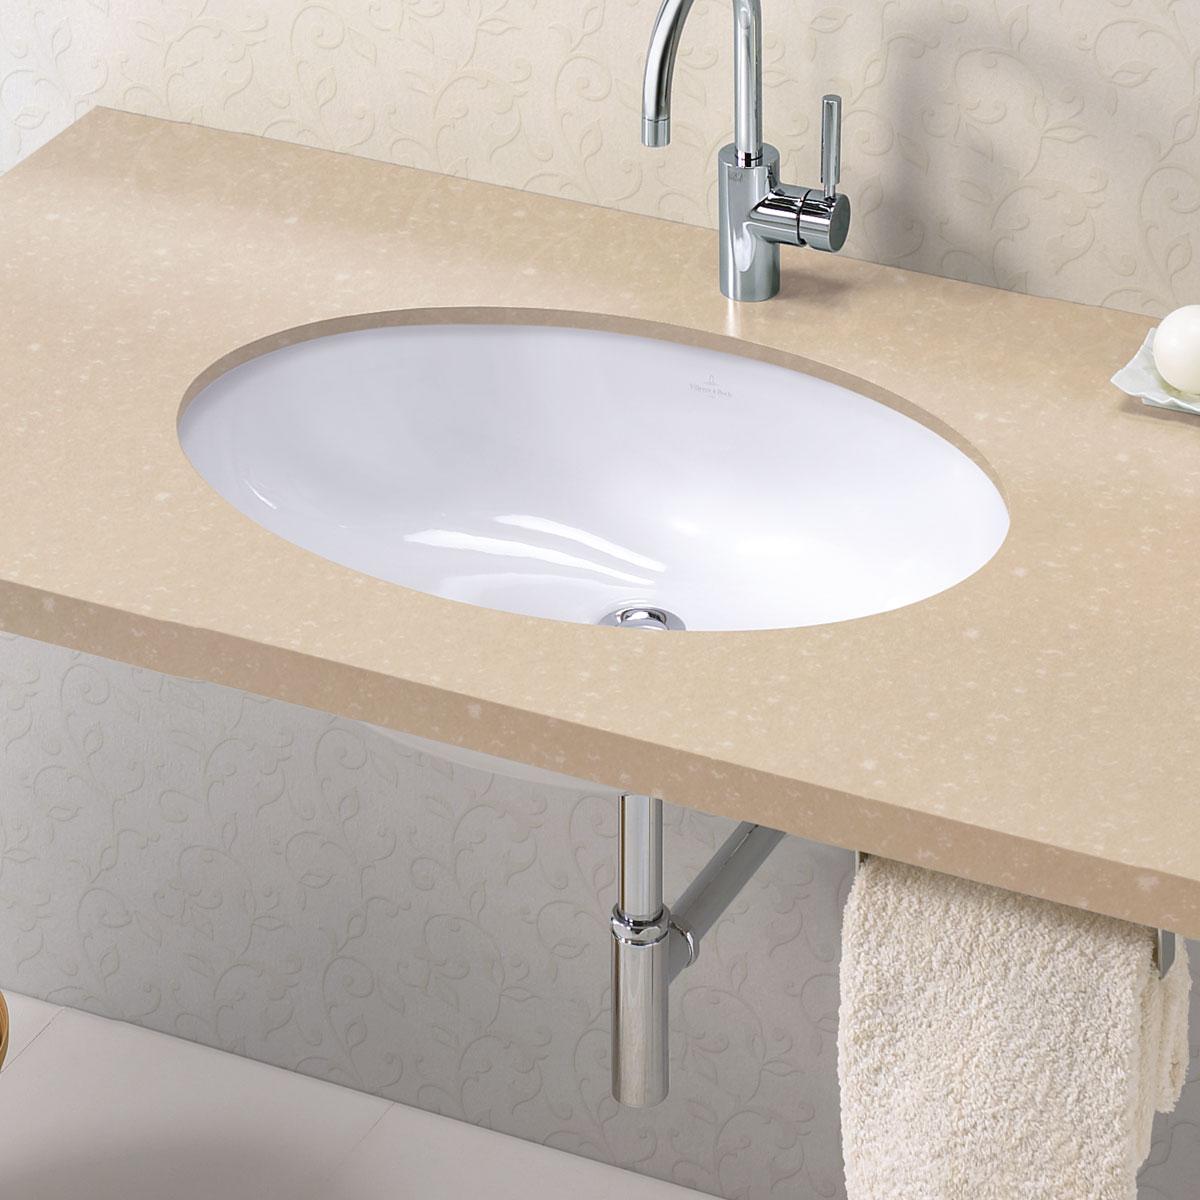 リラインス アンダーカウンター型洗面器 Villeroy&Boch(ビレロイ&ボッホ) EVANAエヴァナ 6144.00.01